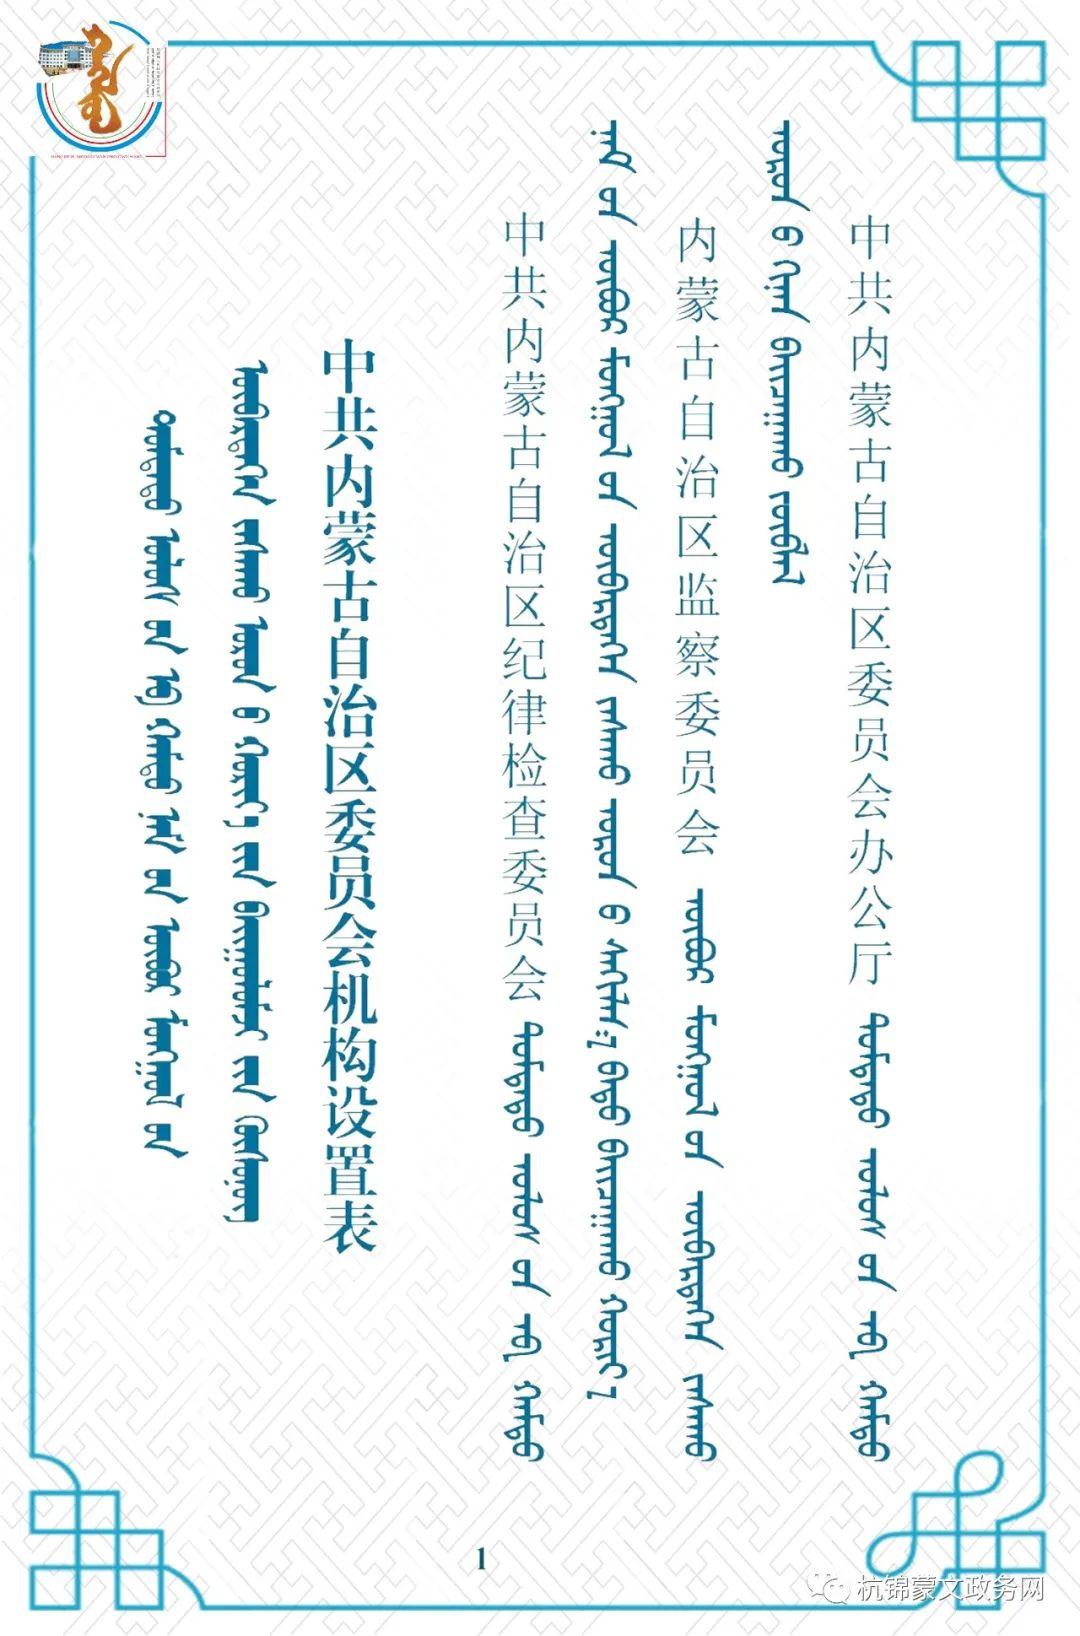 内蒙古自治区委员会机构设置蒙汉对照 第1张 内蒙古自治区委员会机构设置蒙汉对照 蒙古文库